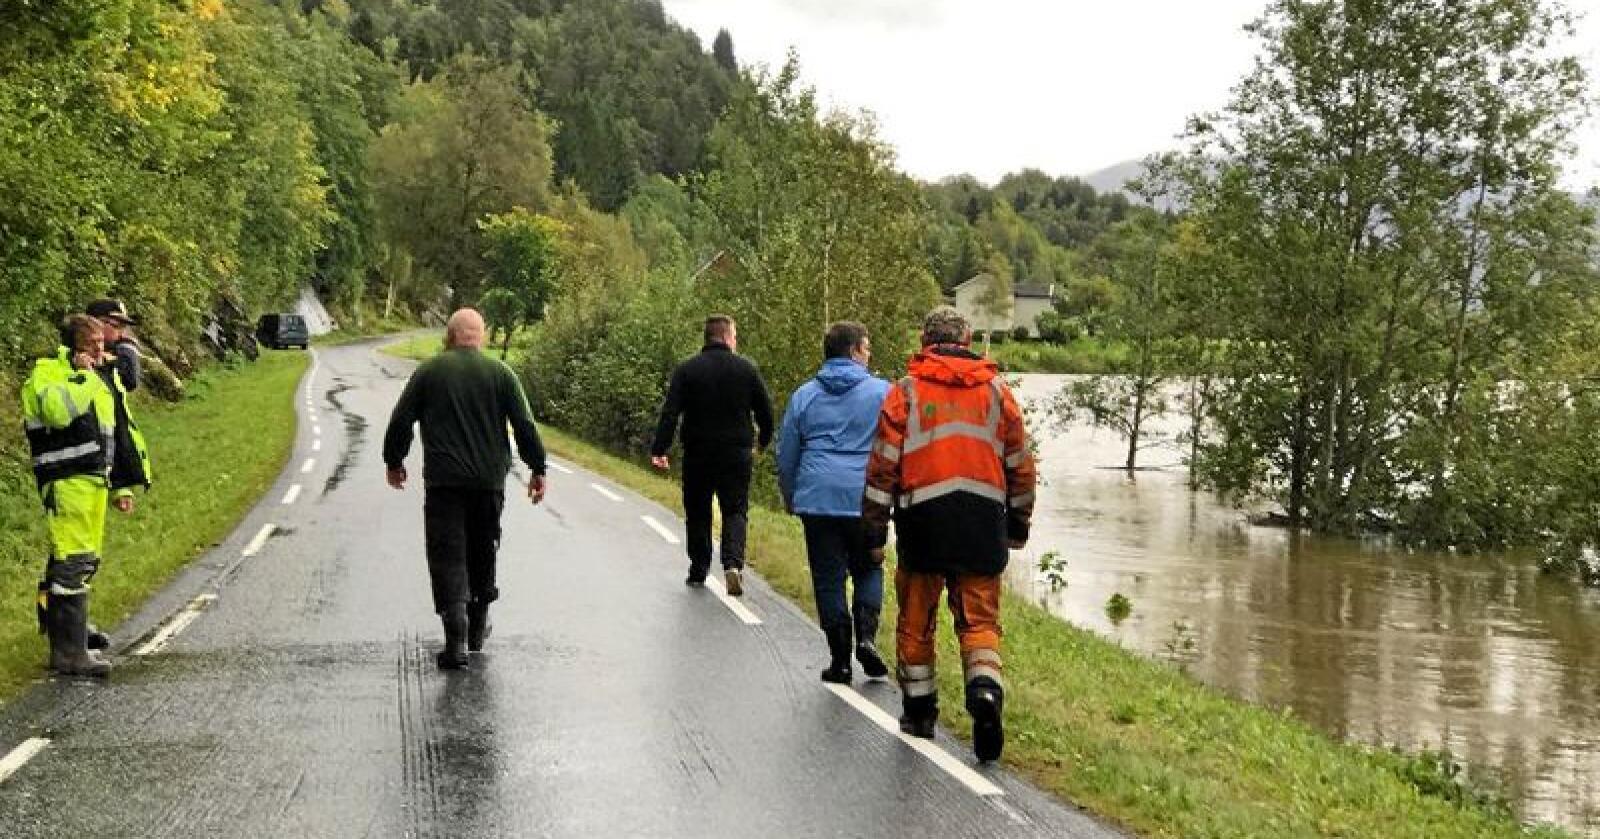 Redningsmannskaper forsøker å redde flest mulig av dyrene, mens mange sauer allerede ligger døde i elva. Foto: Tor Helge Solli/Tidens Krav